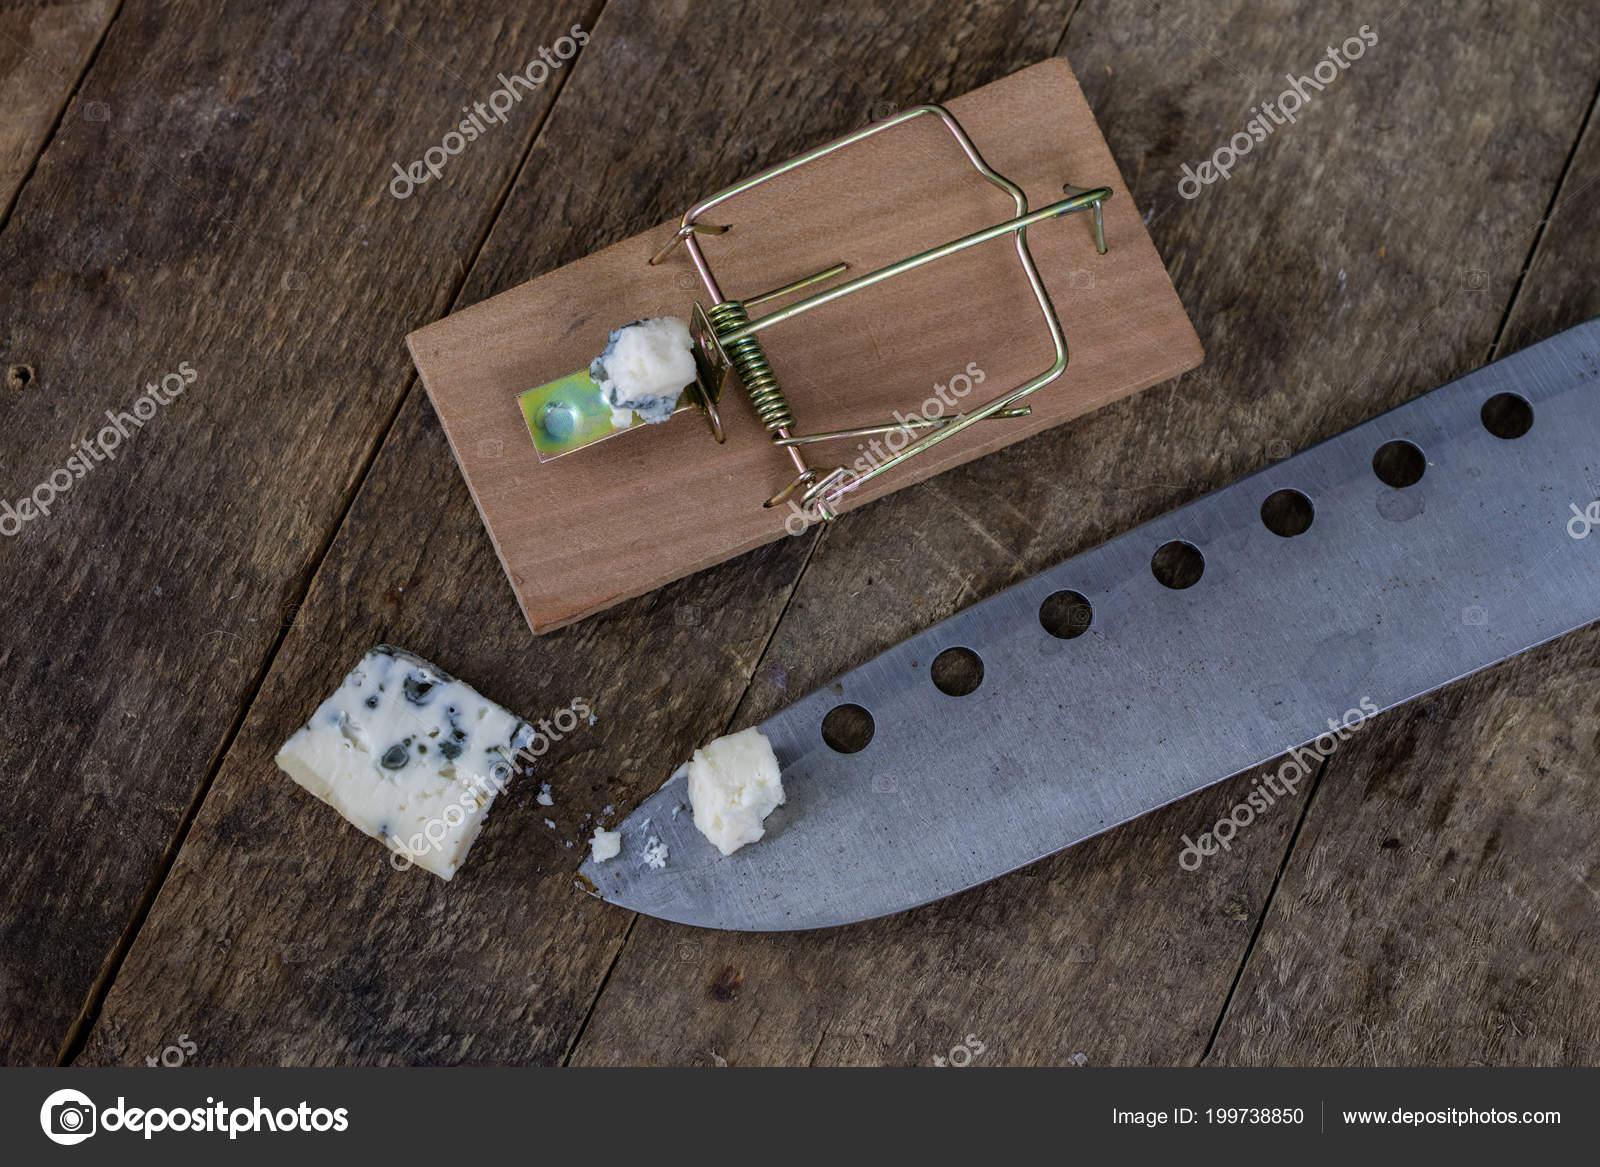 Mousetrap een oude houten tafel metalen toebehoren voor uitroeiing